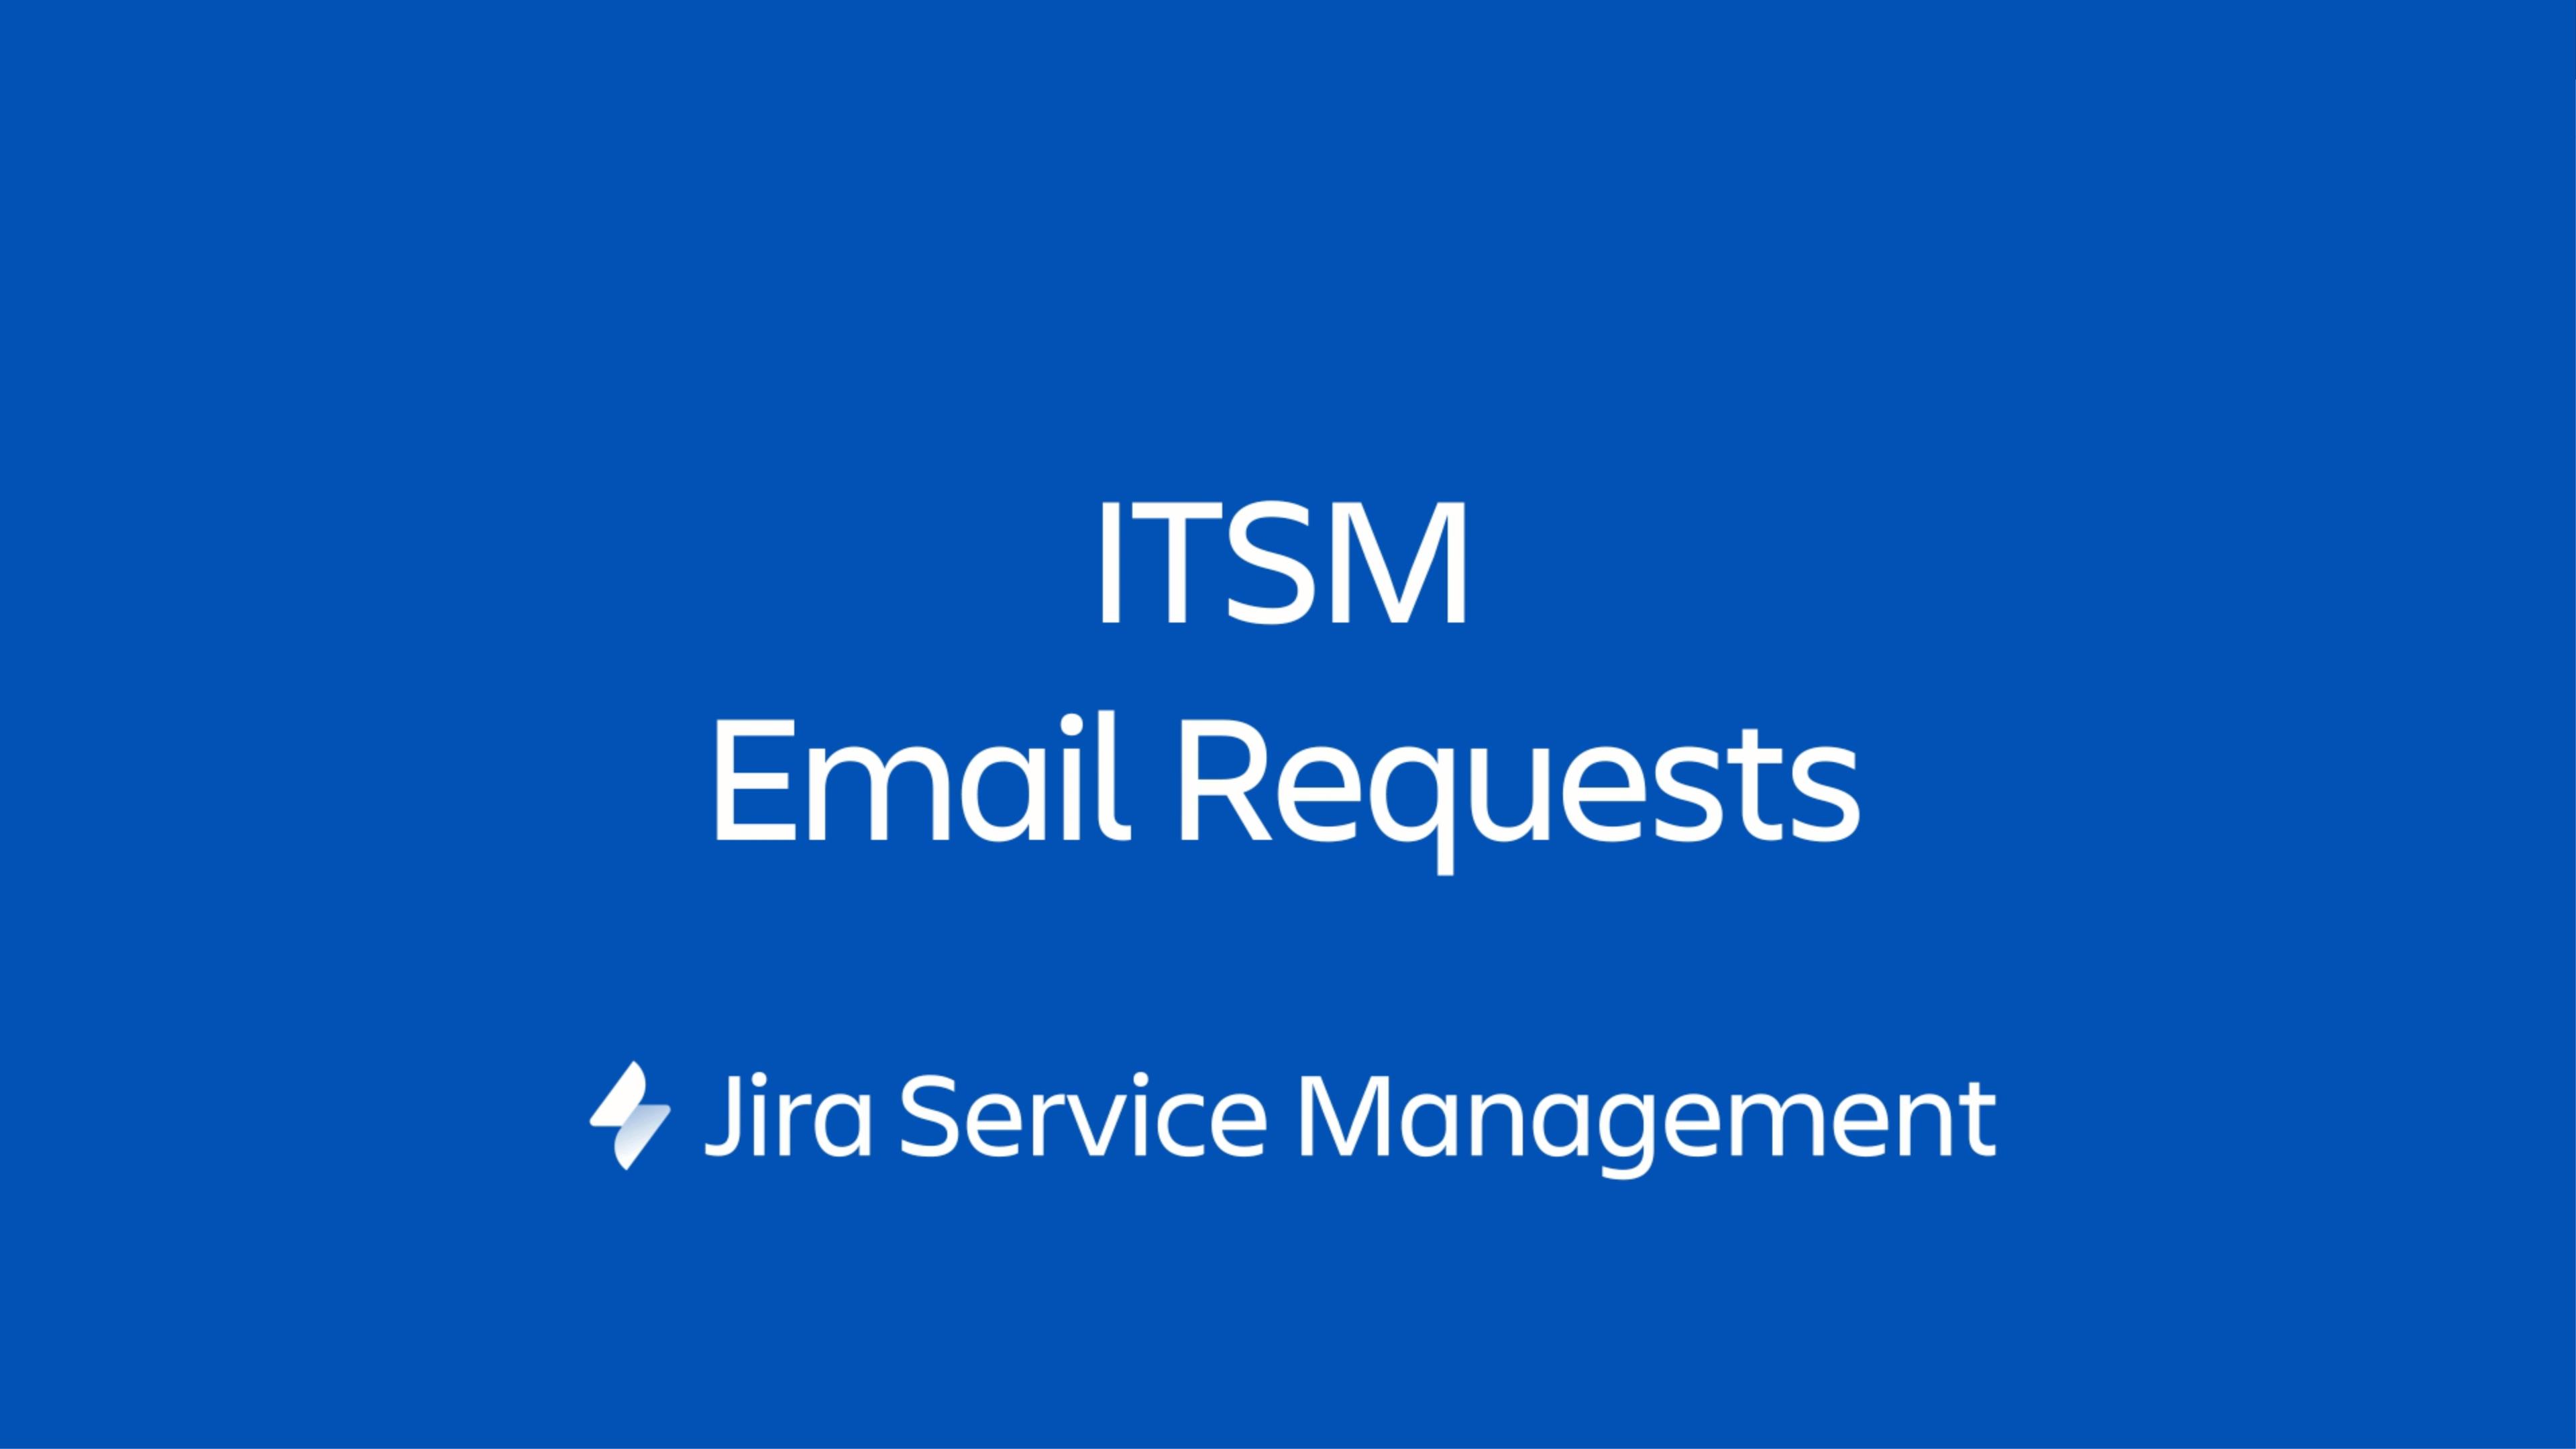 Wnioski ITSM wysyłane pocztą e-mail w Jira Service Management